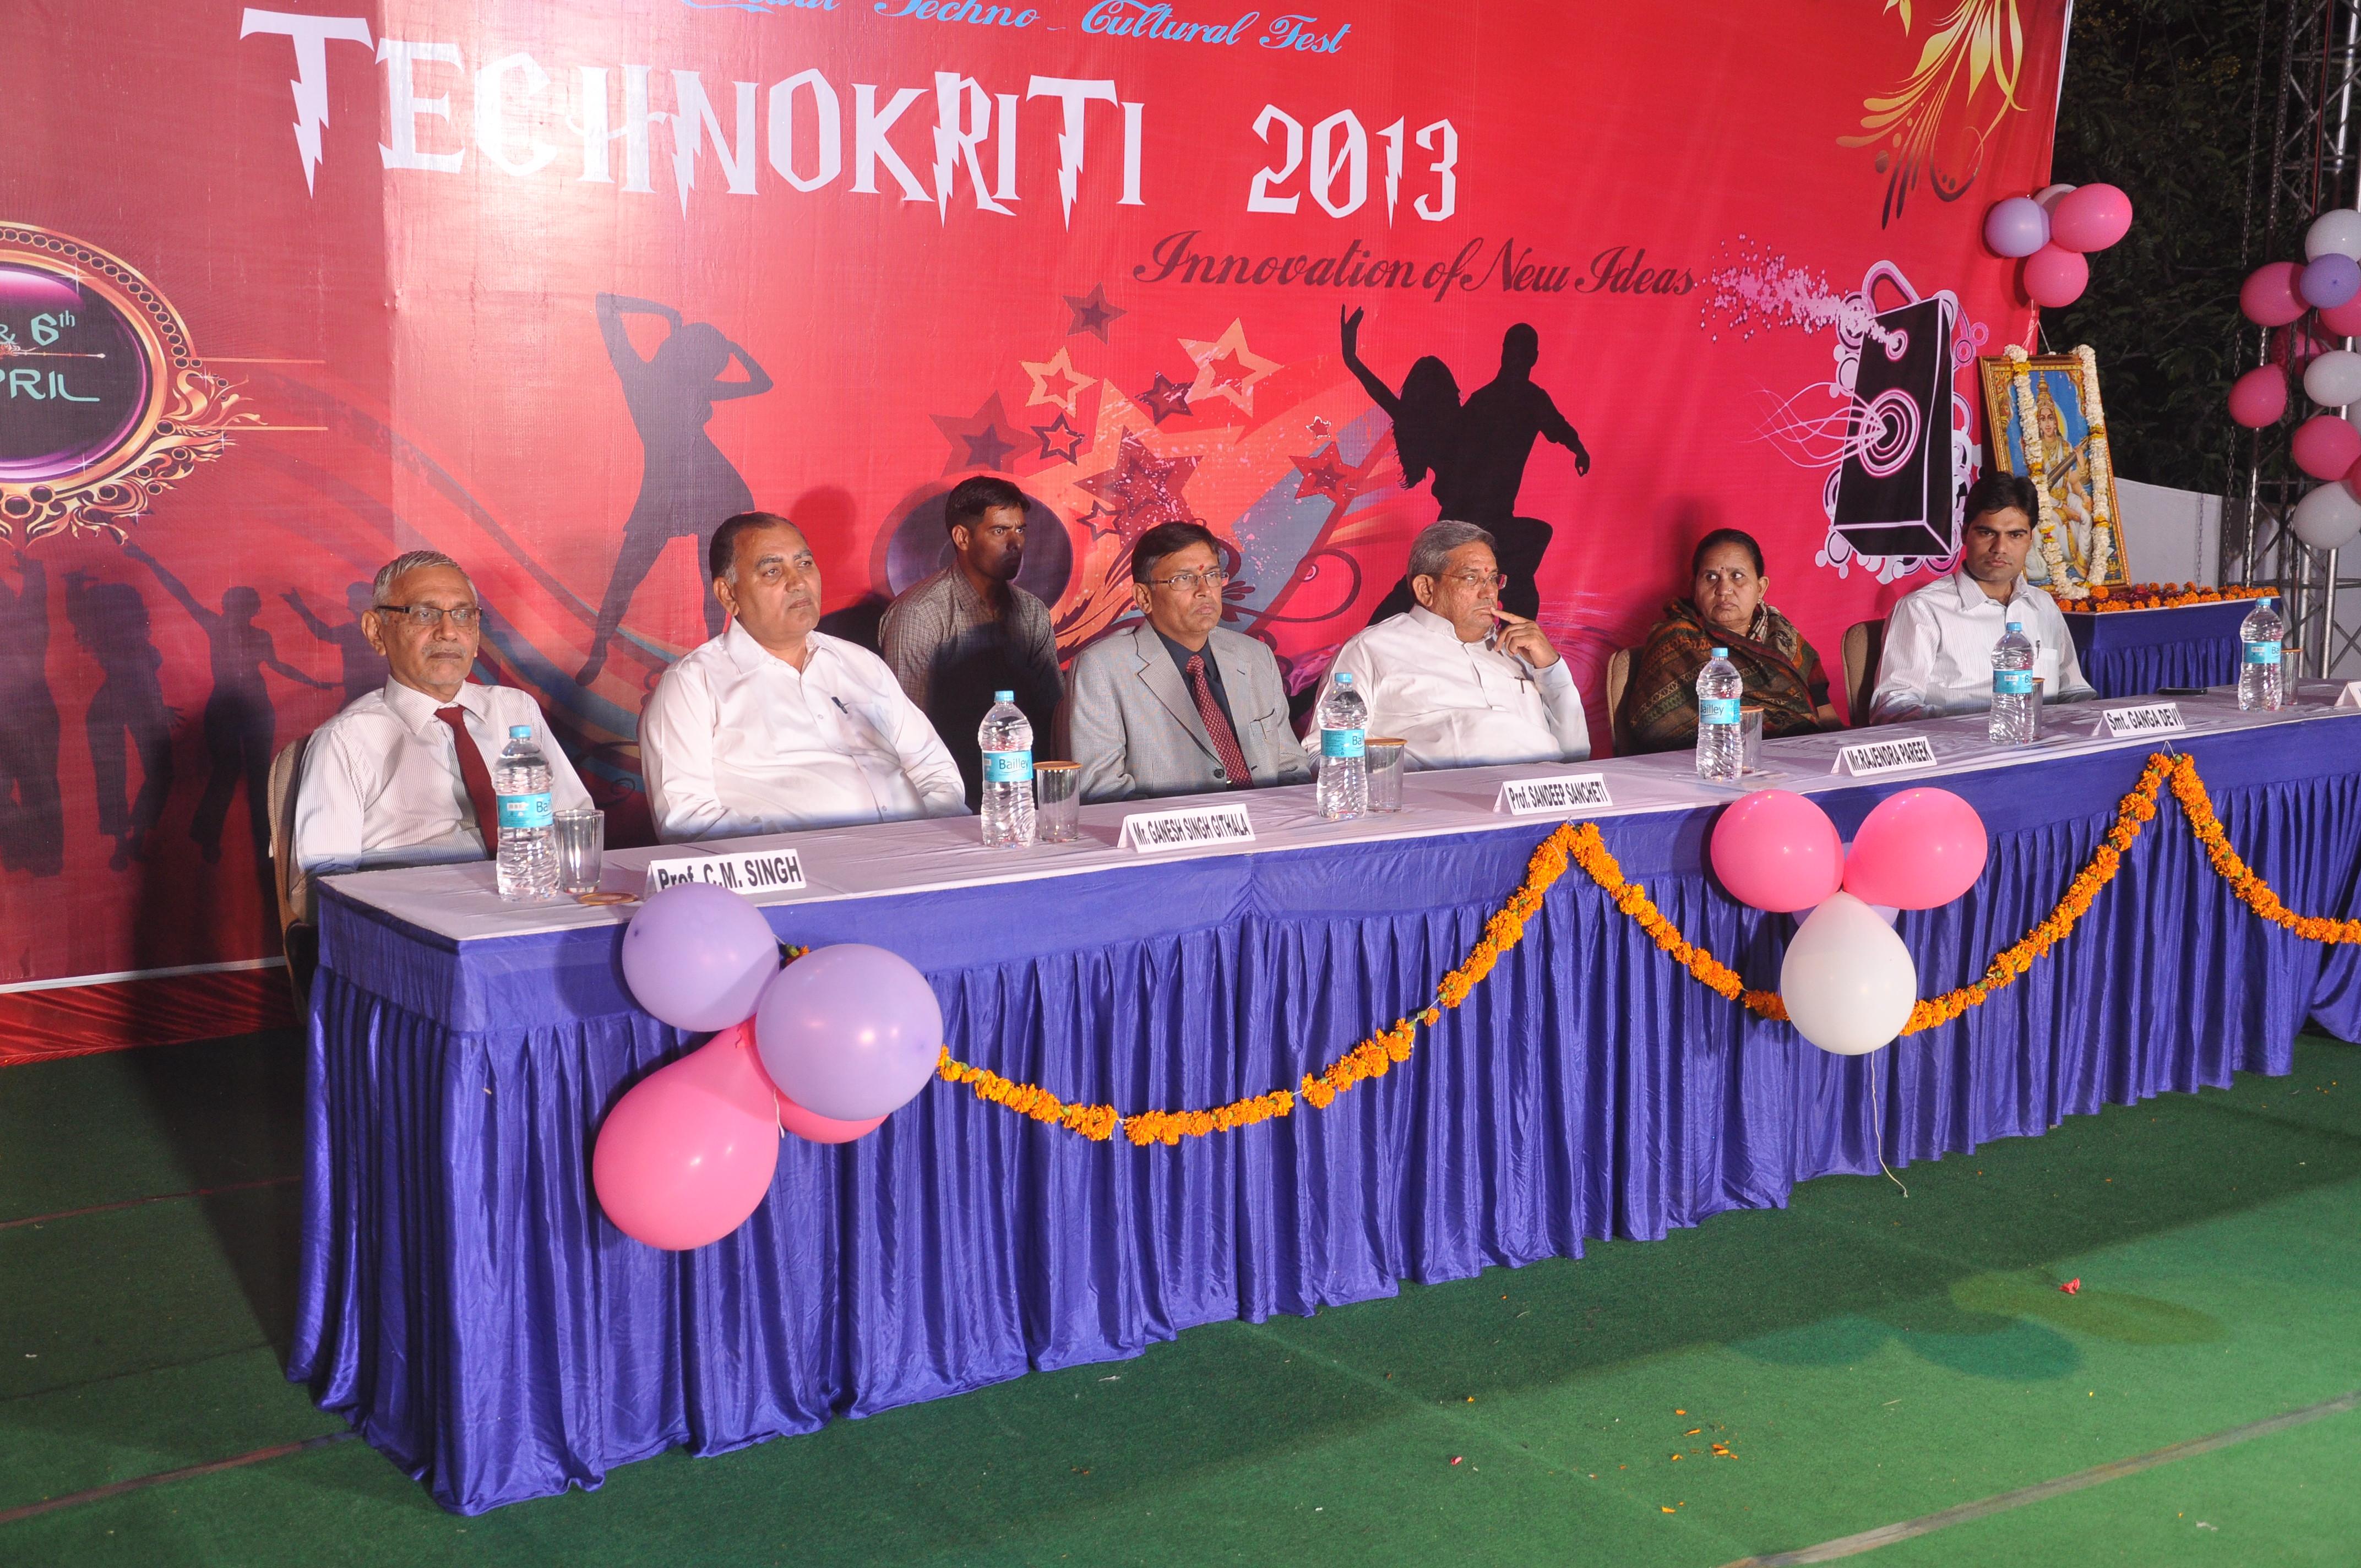 Technokriti-2013